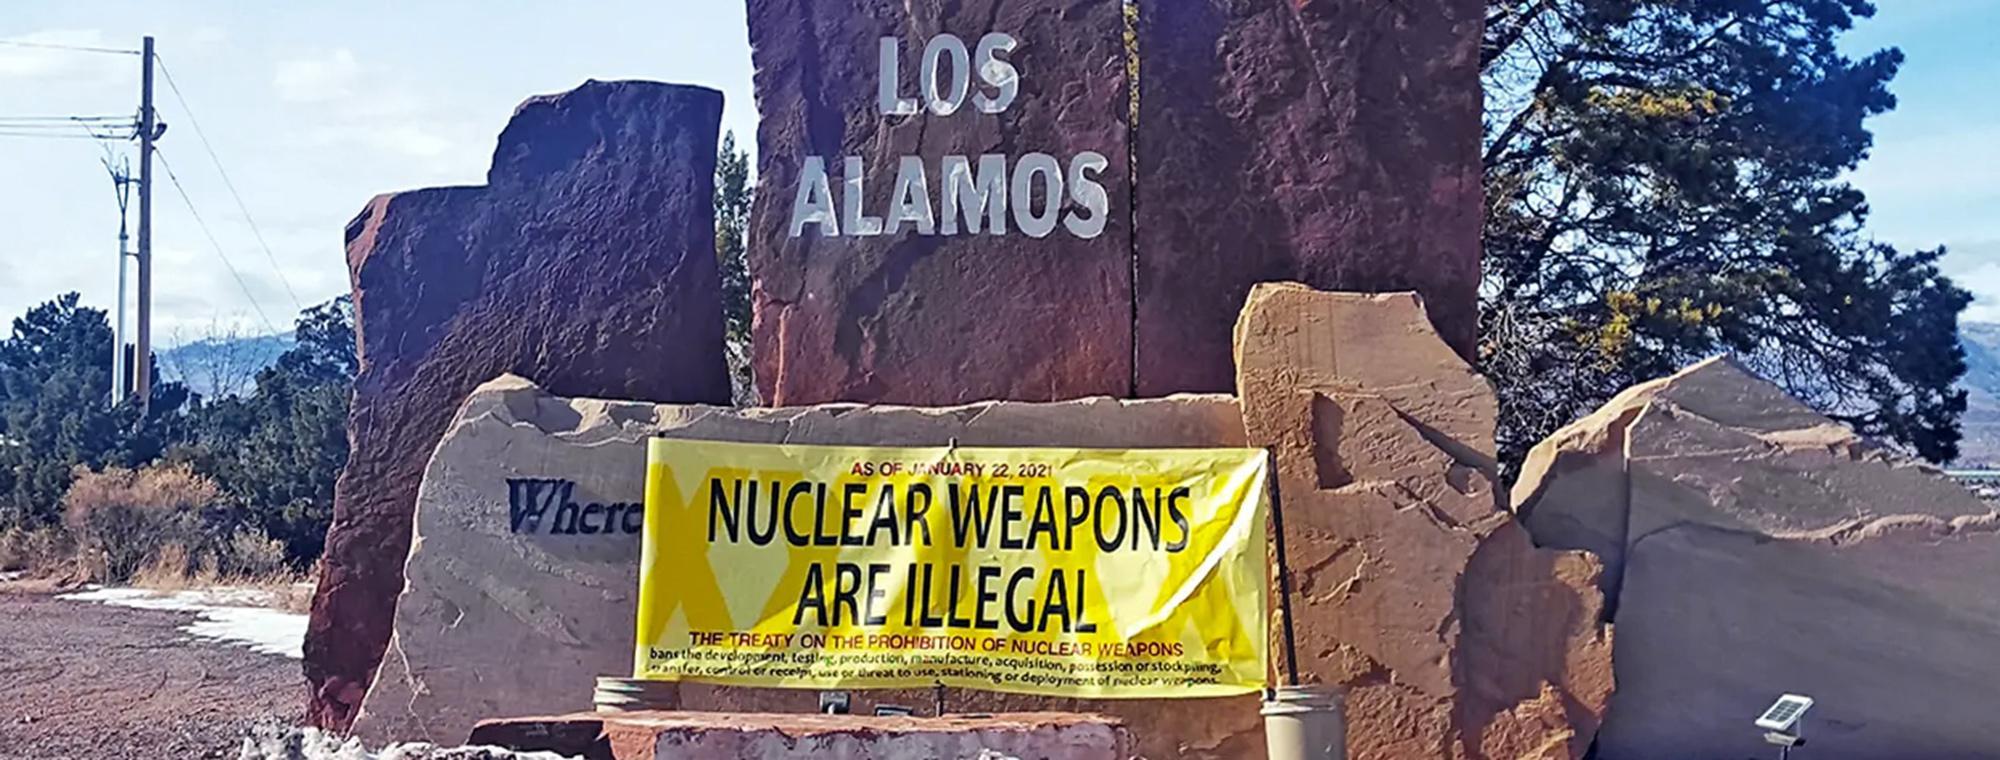 An activist's sign an Los Alamos